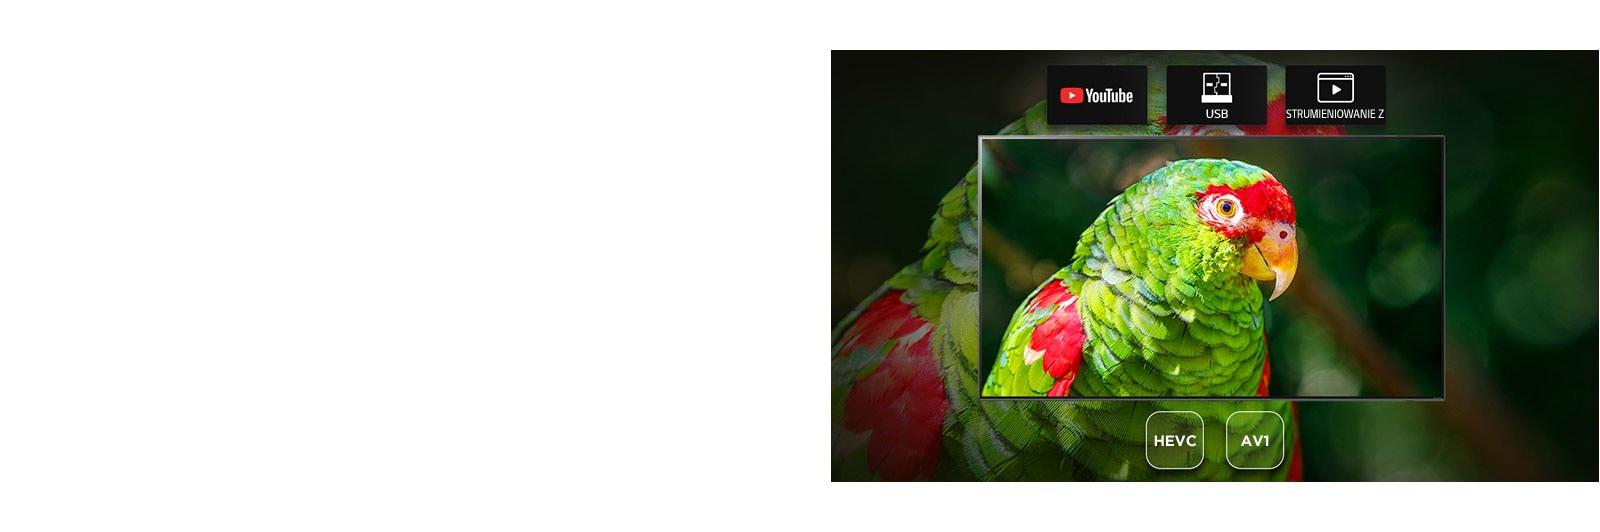 Ekran telewizora przedstawiający kadr z filmu o zielonych papugach oraz ikony YouTube, USB i strumieniowania